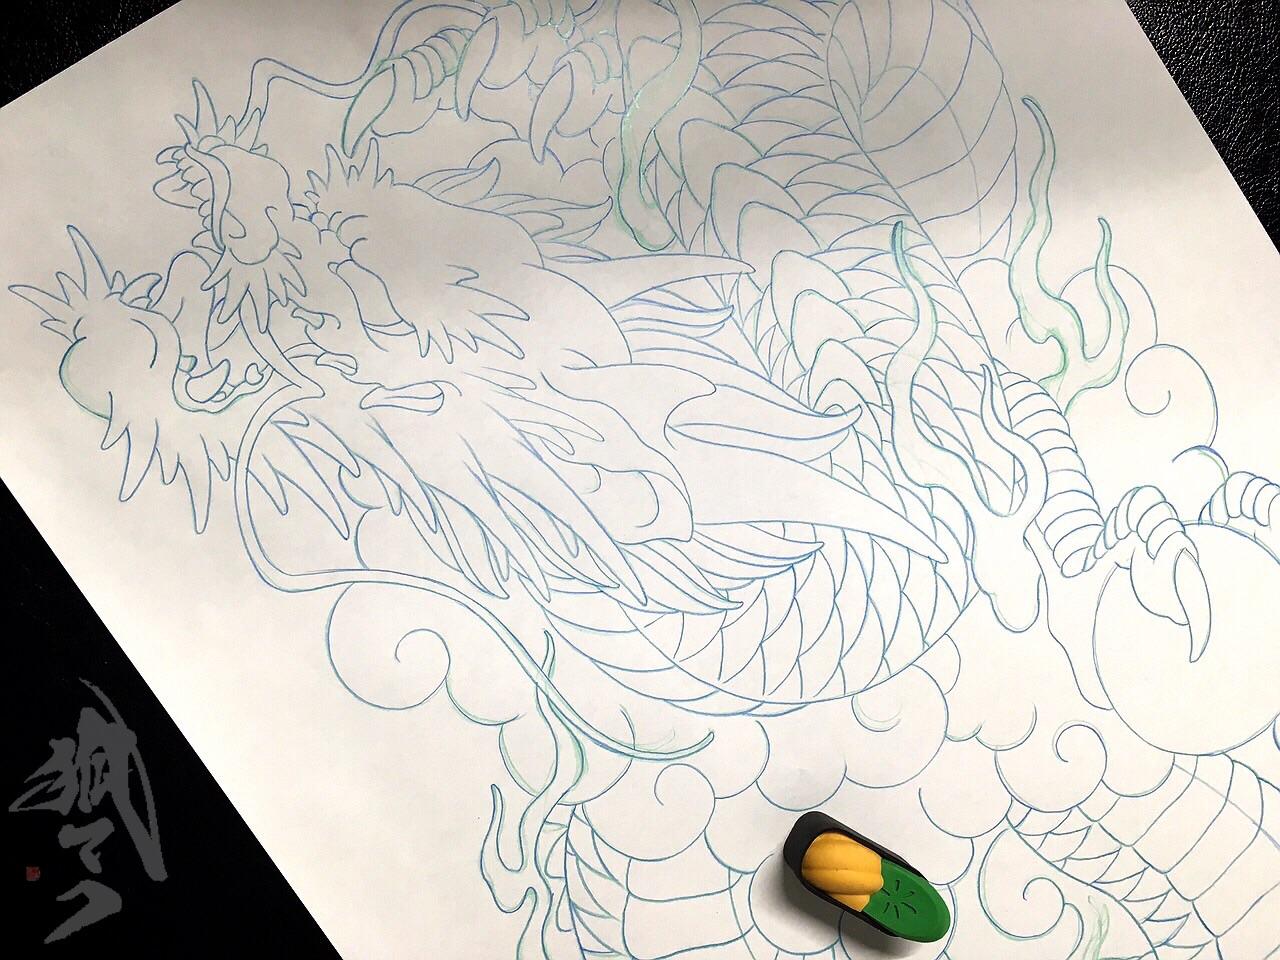 兵庫県 明石 タトゥー 刺青_e0261276_2133860.jpg